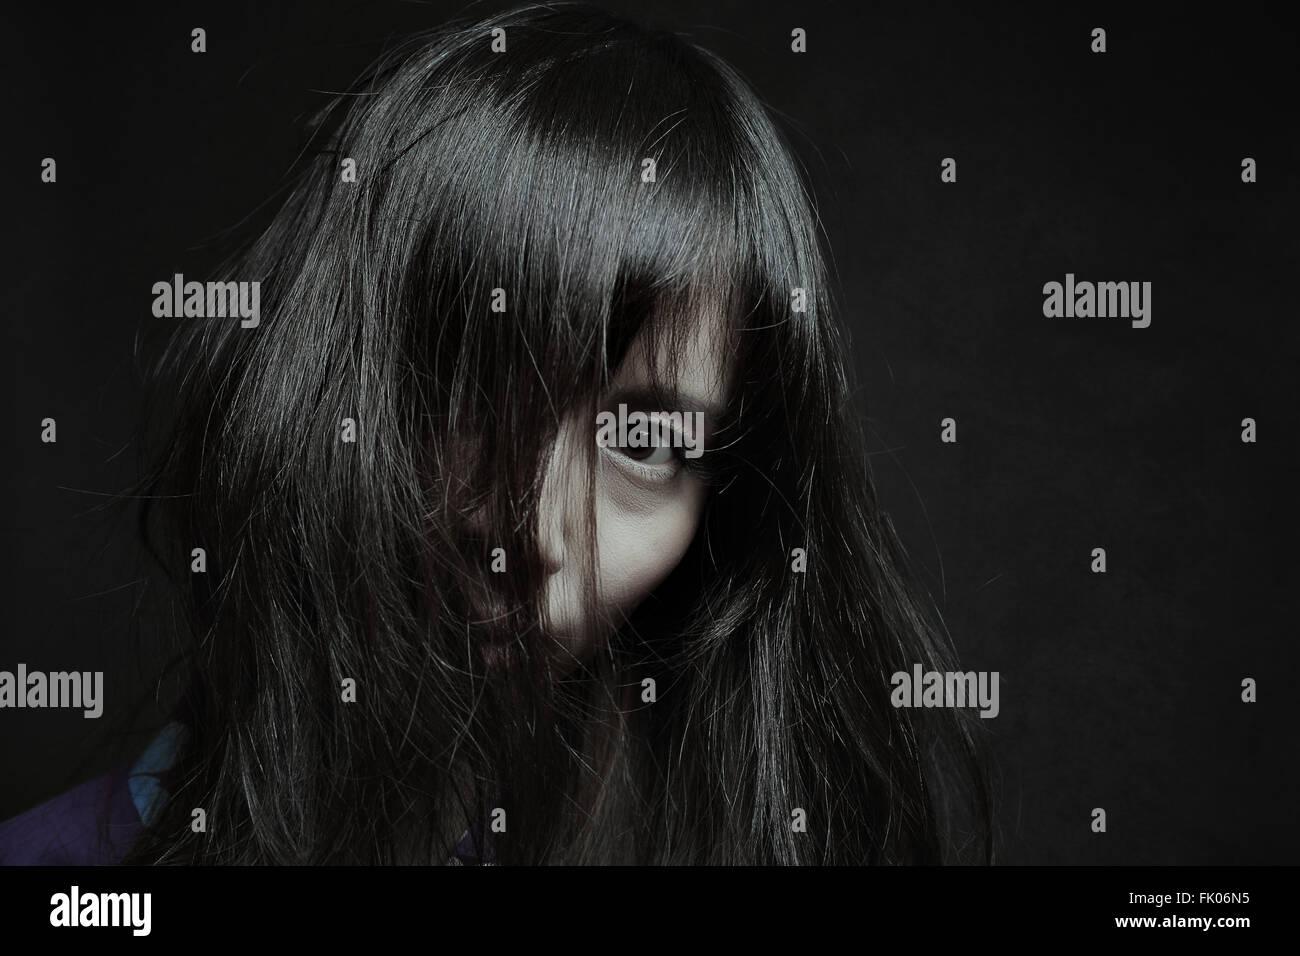 Oscuro pálido retrato de una mujer japonesa. Halloween y horror Imagen De Stock